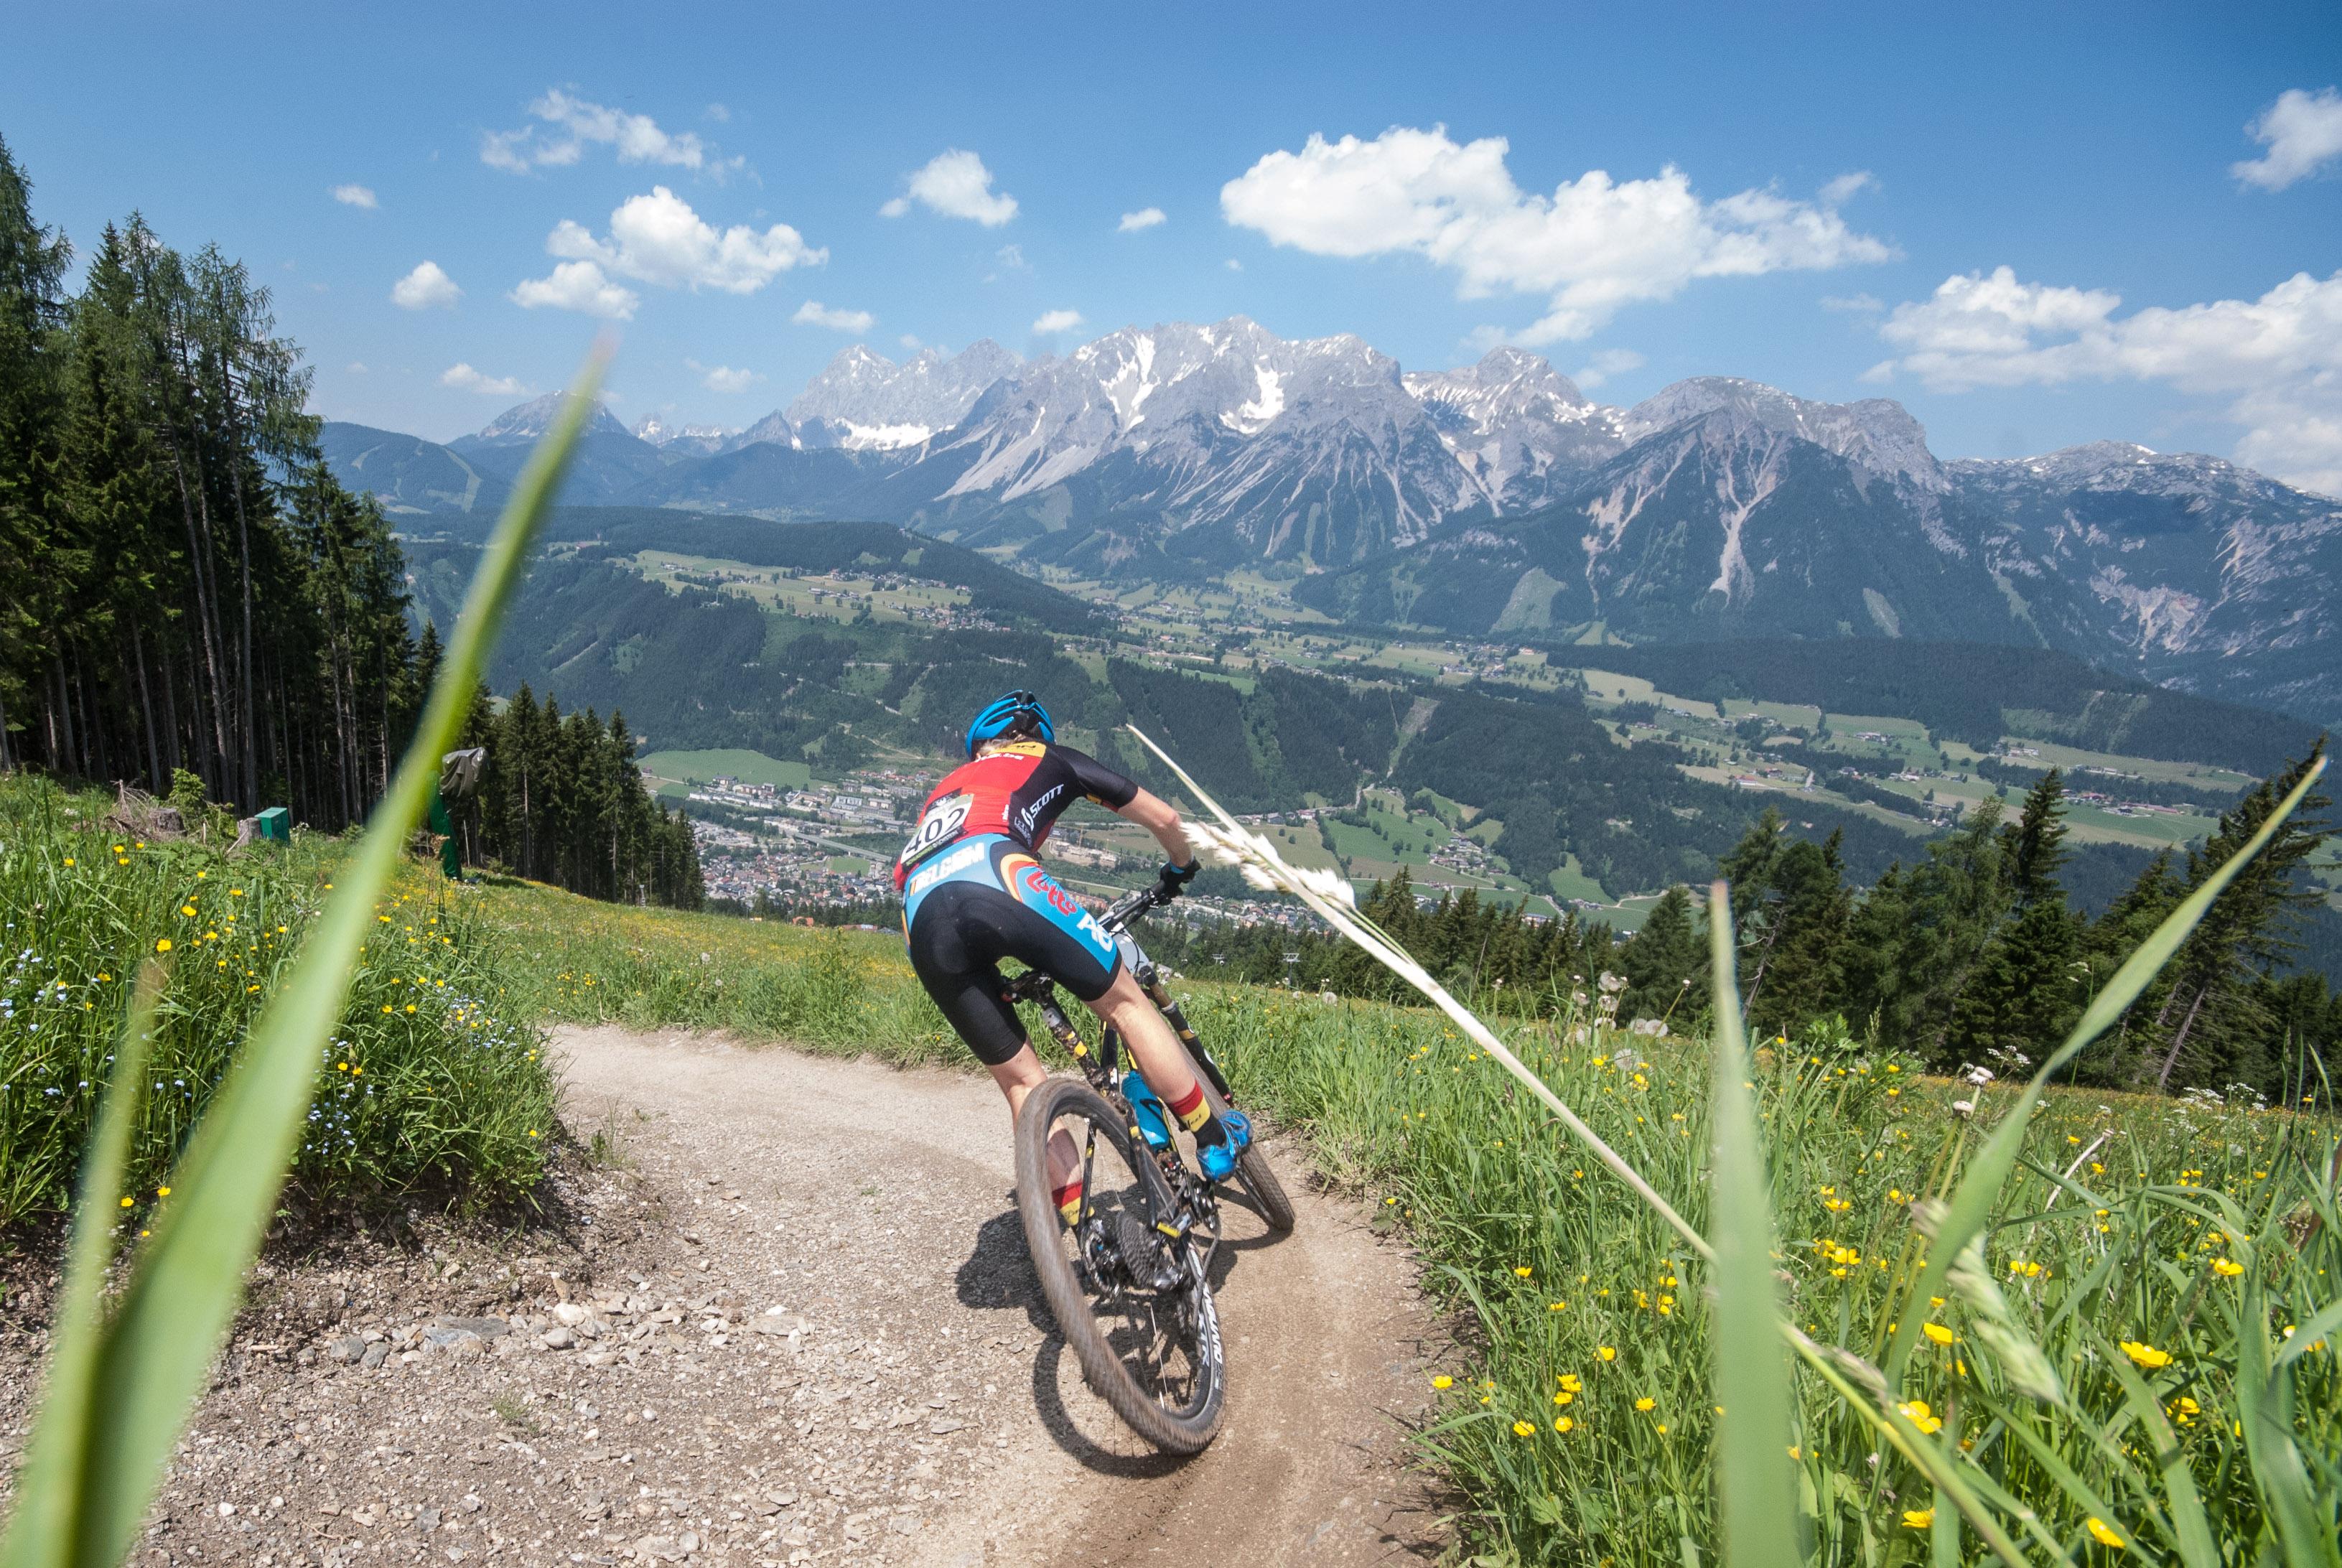 De 18 de Alpentour Trophy brengt toppers naar Planai in Schladming